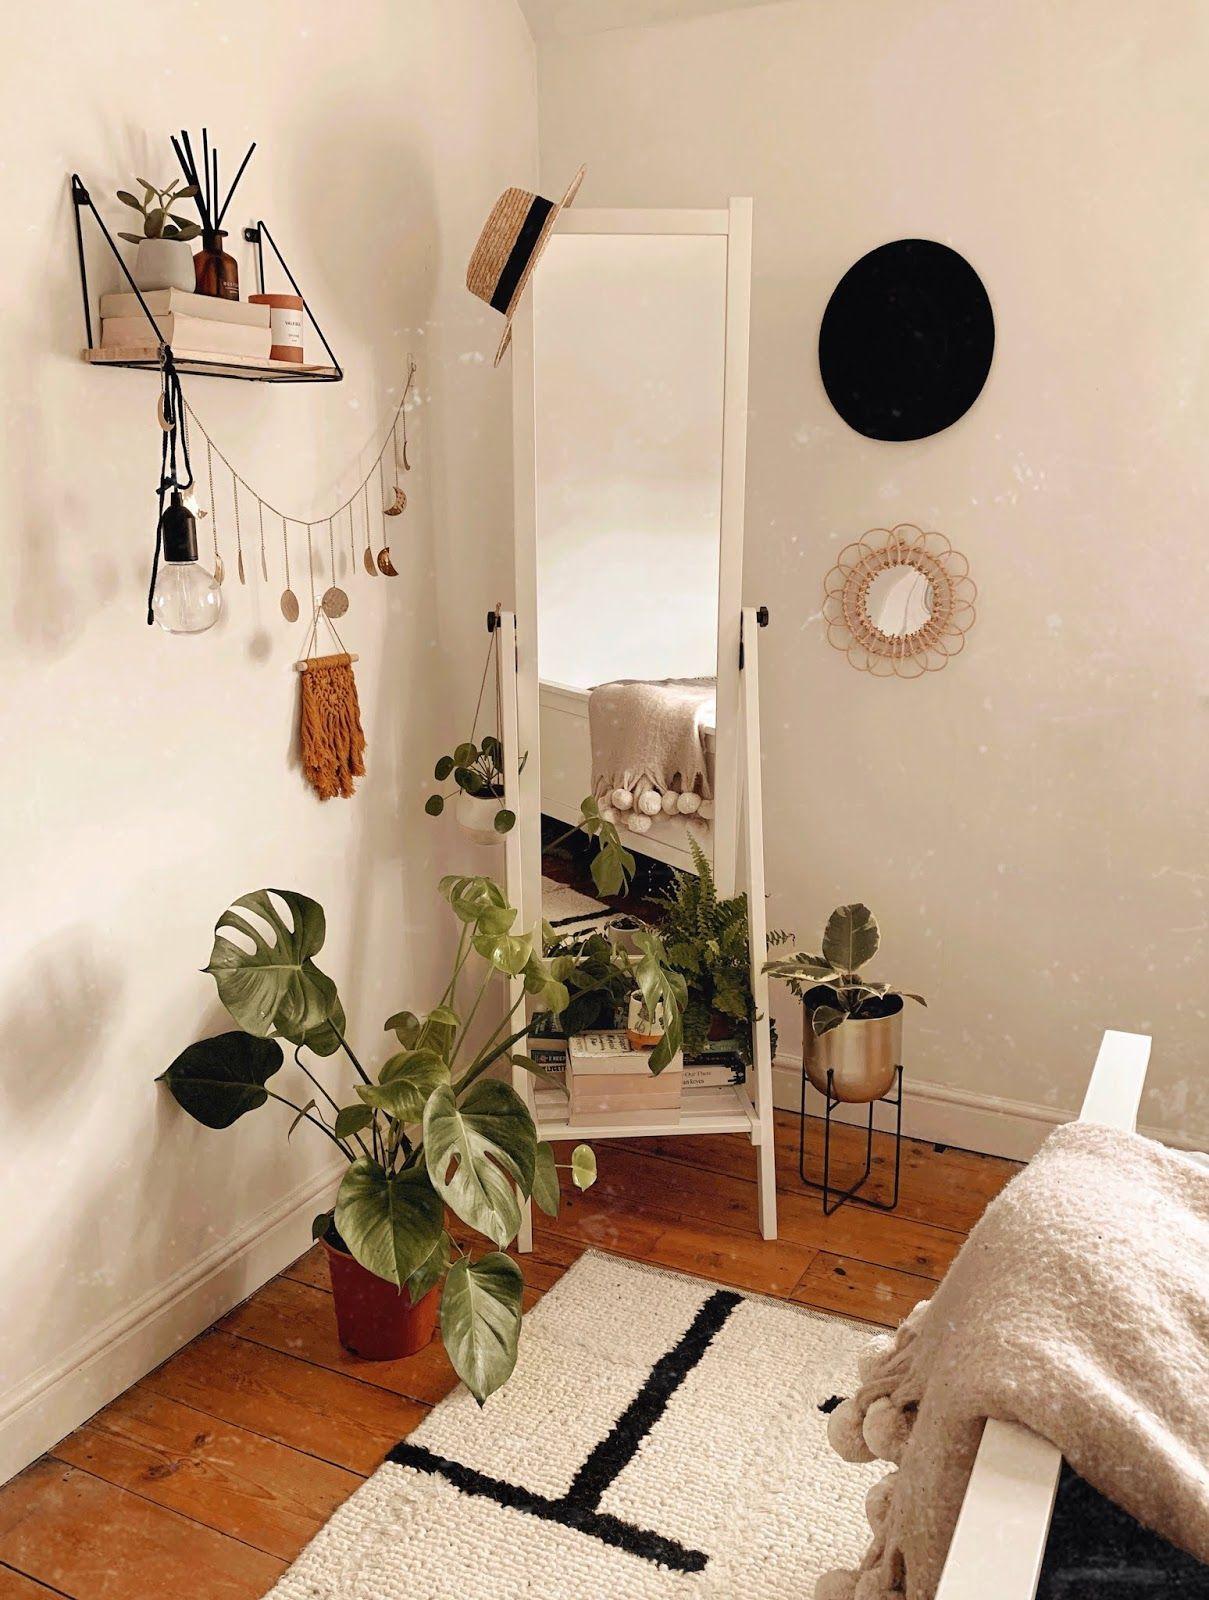 10 Tiendas De Etsy Para Pagar Dormitoriomatrimoniales Etsy Pagar Room Inspiration Bedroom Redecorate Bedroom Cute Room Decor Room decor ideas etsy